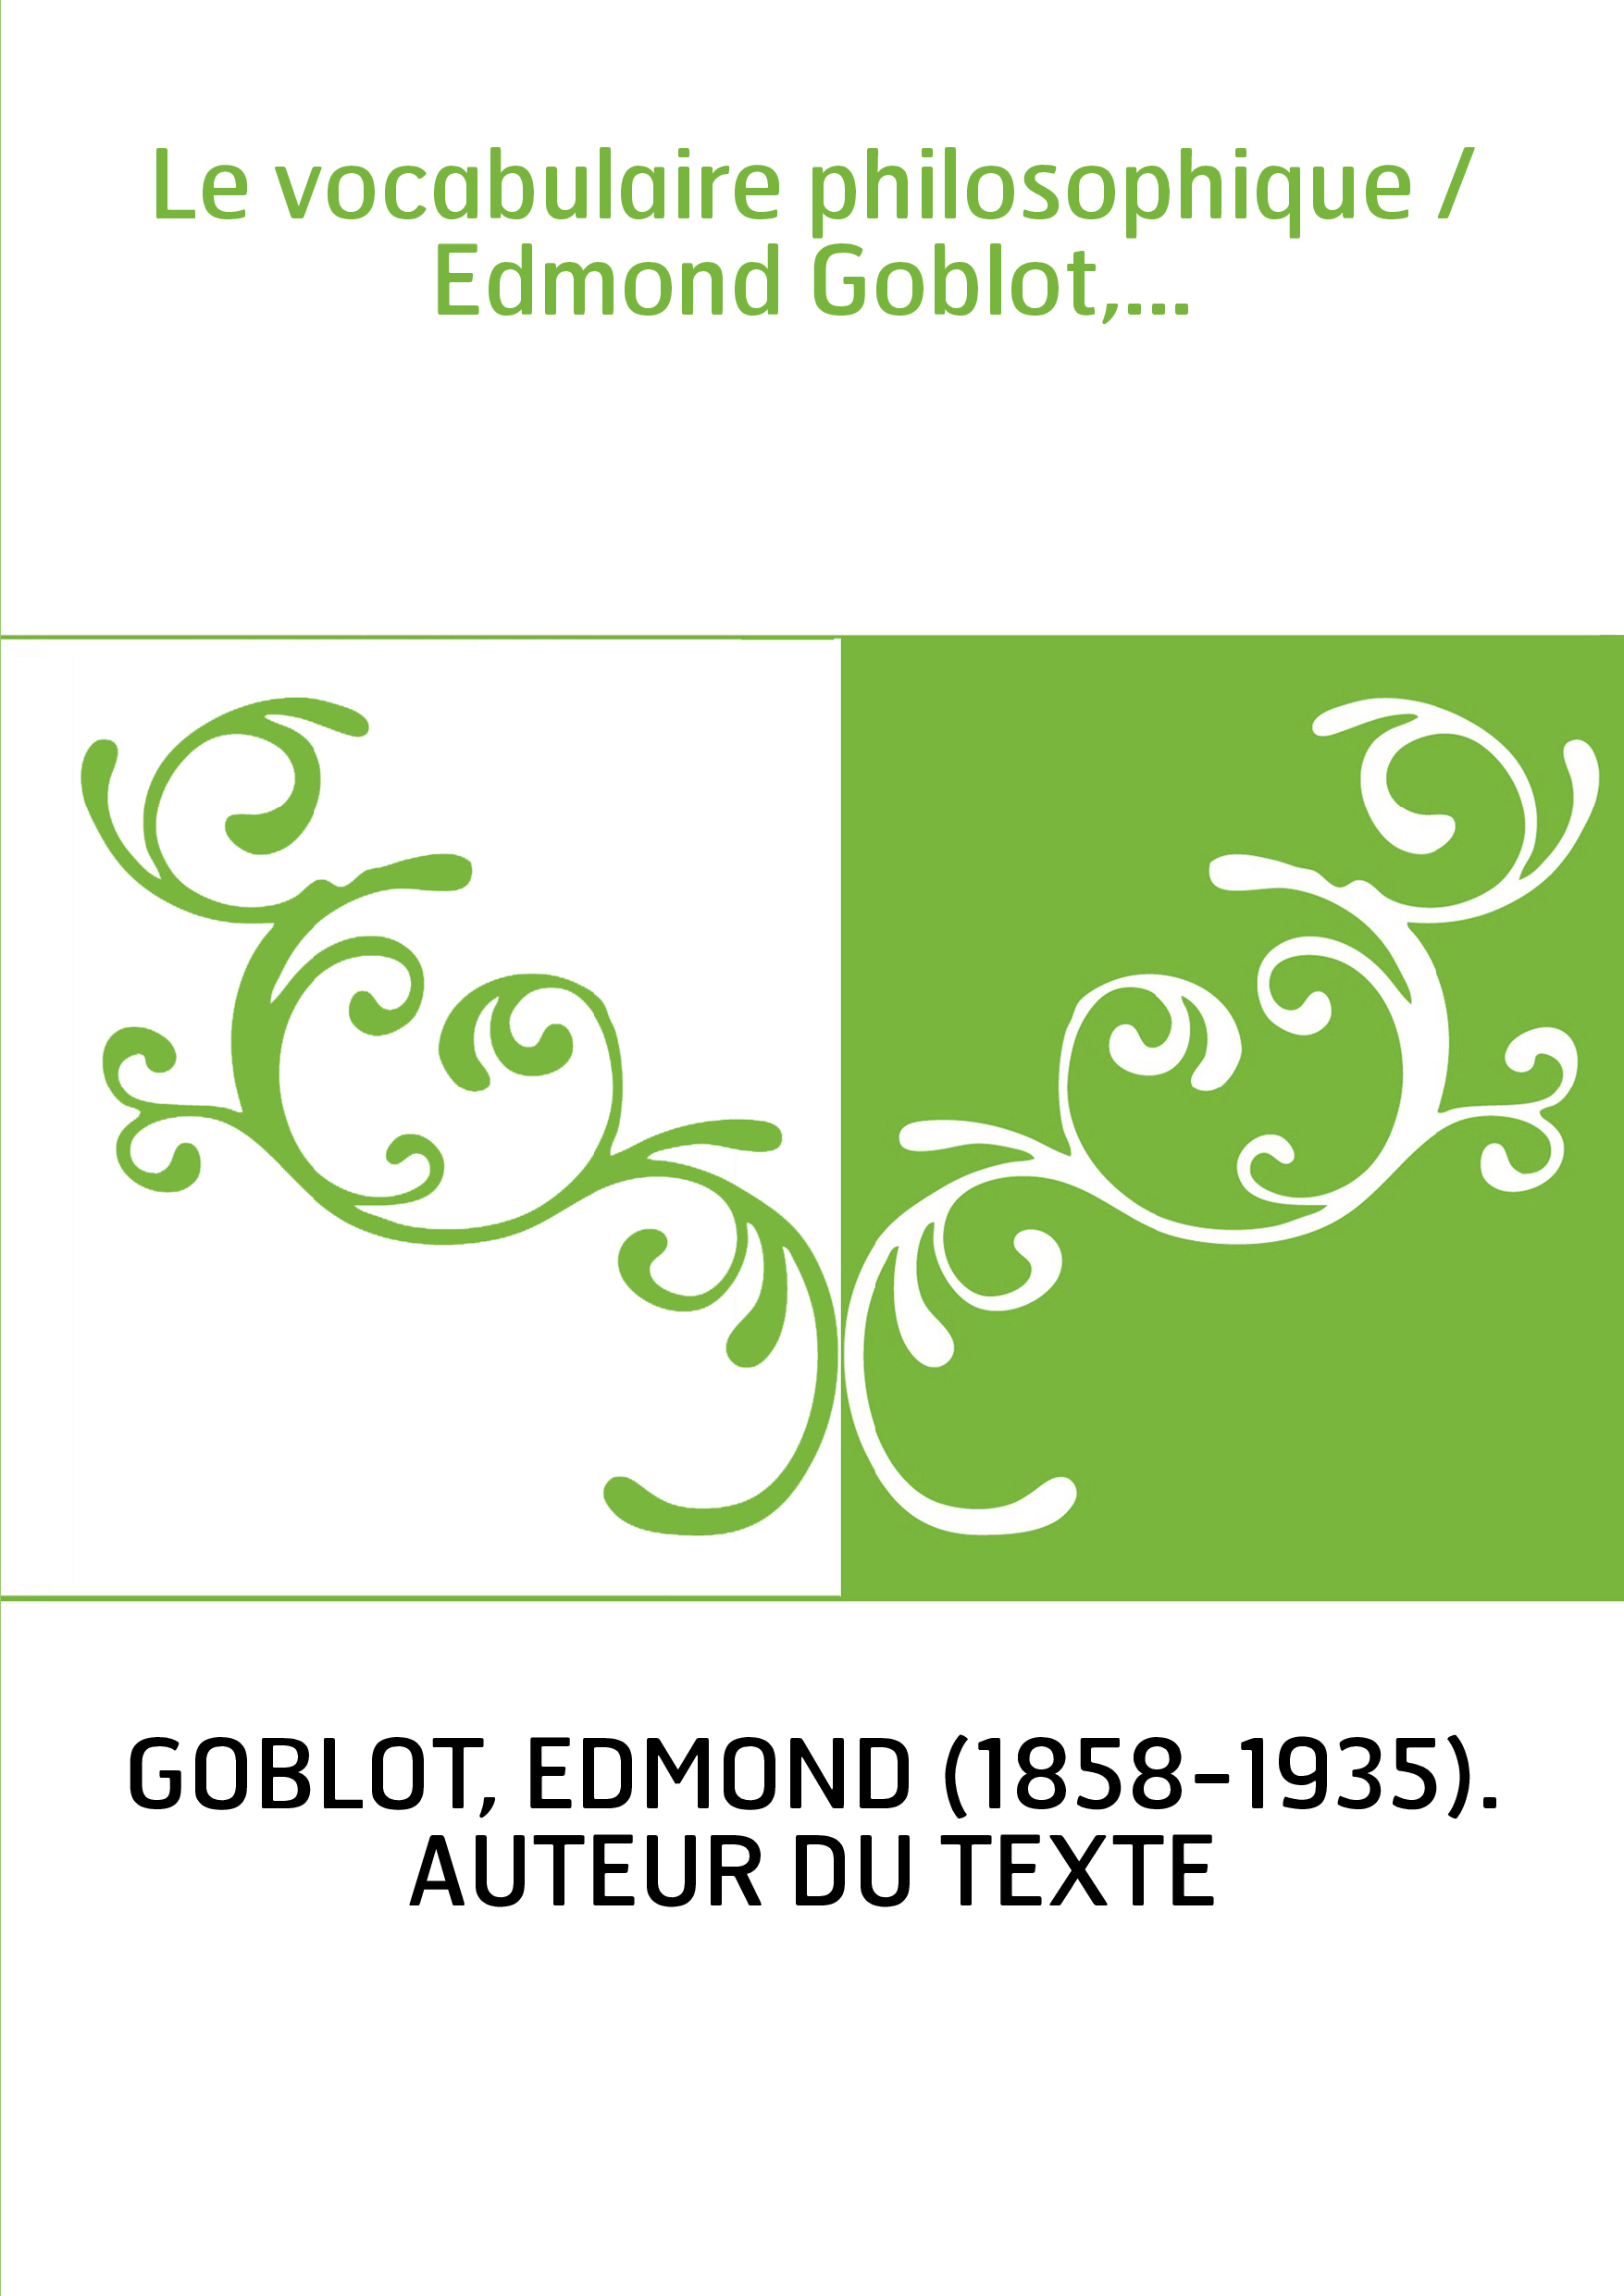 Le vocabulaire philosophique / Edmond Goblot,...